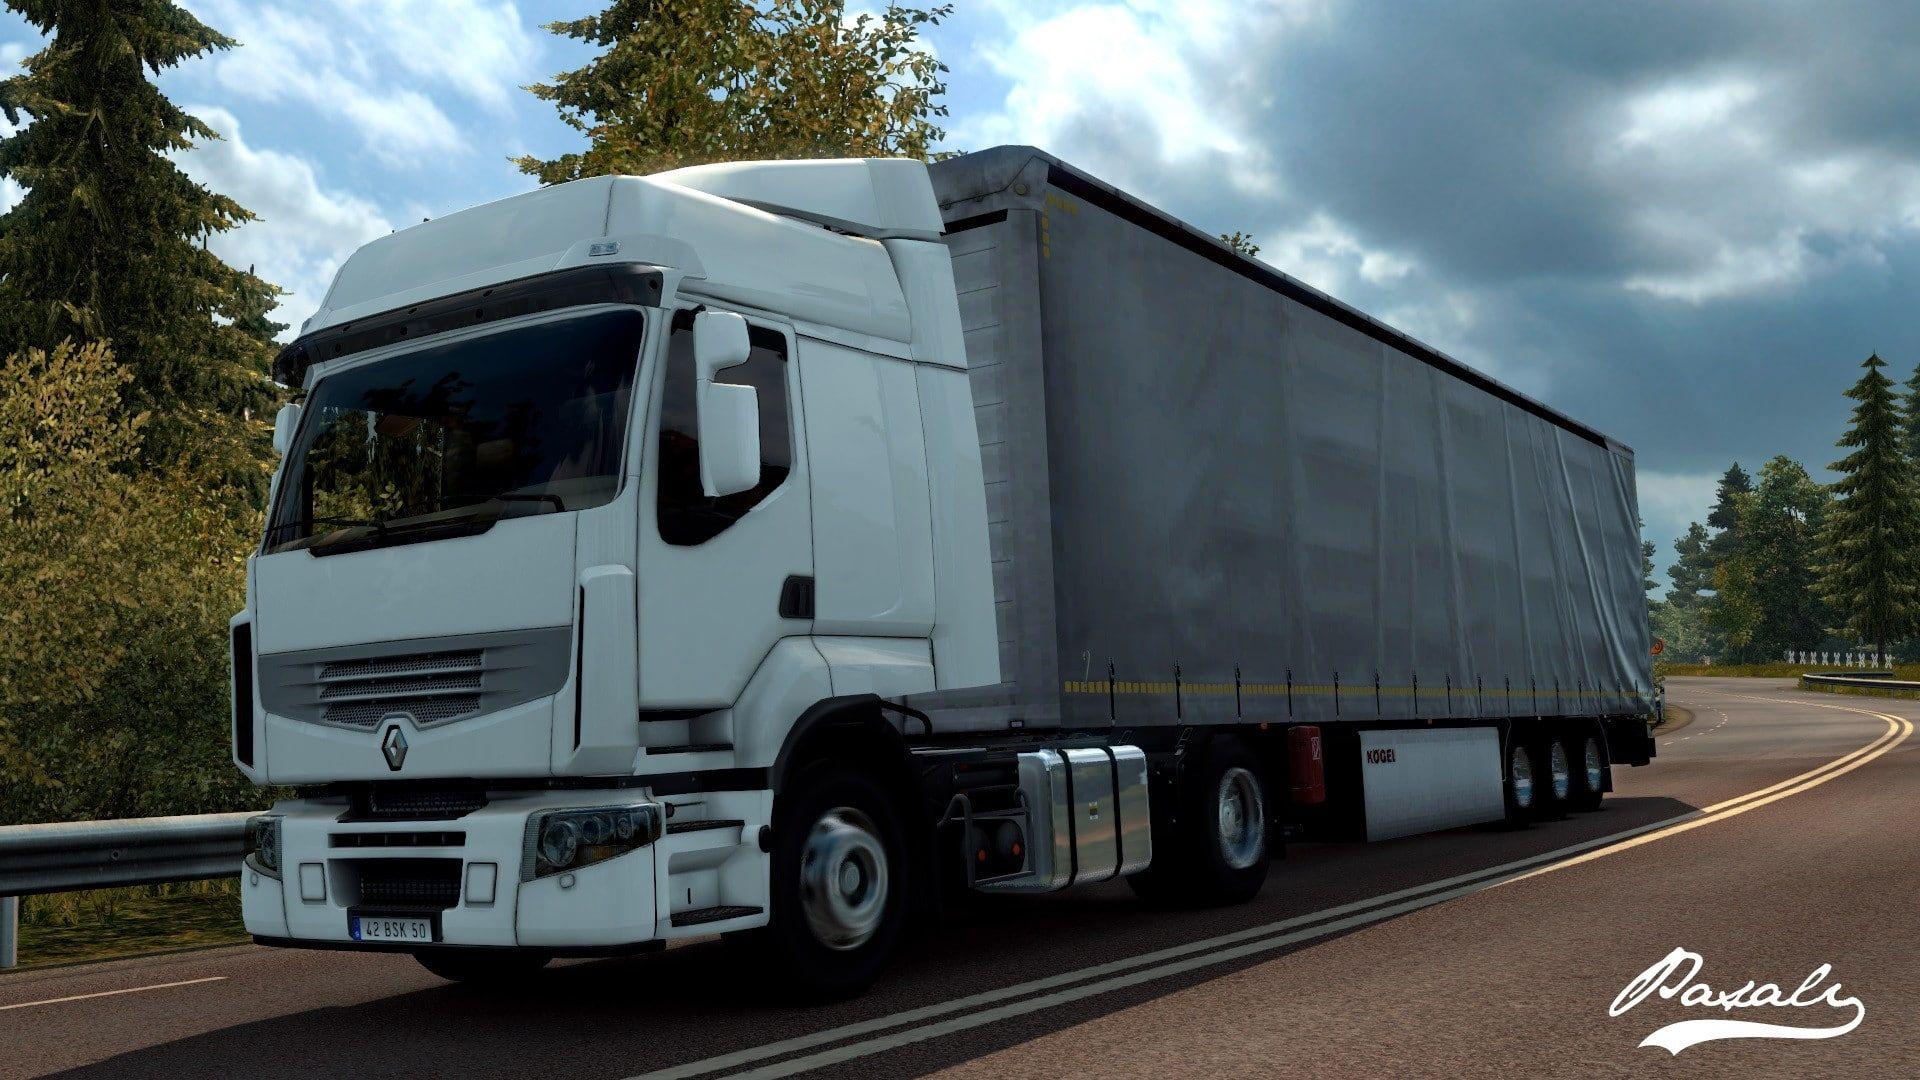 Euro Truck Simulator 2 Truck French Cars Renault 1080p Wallpaper Hdwallpaper Desktop Trucks American Truck Simulator Euro